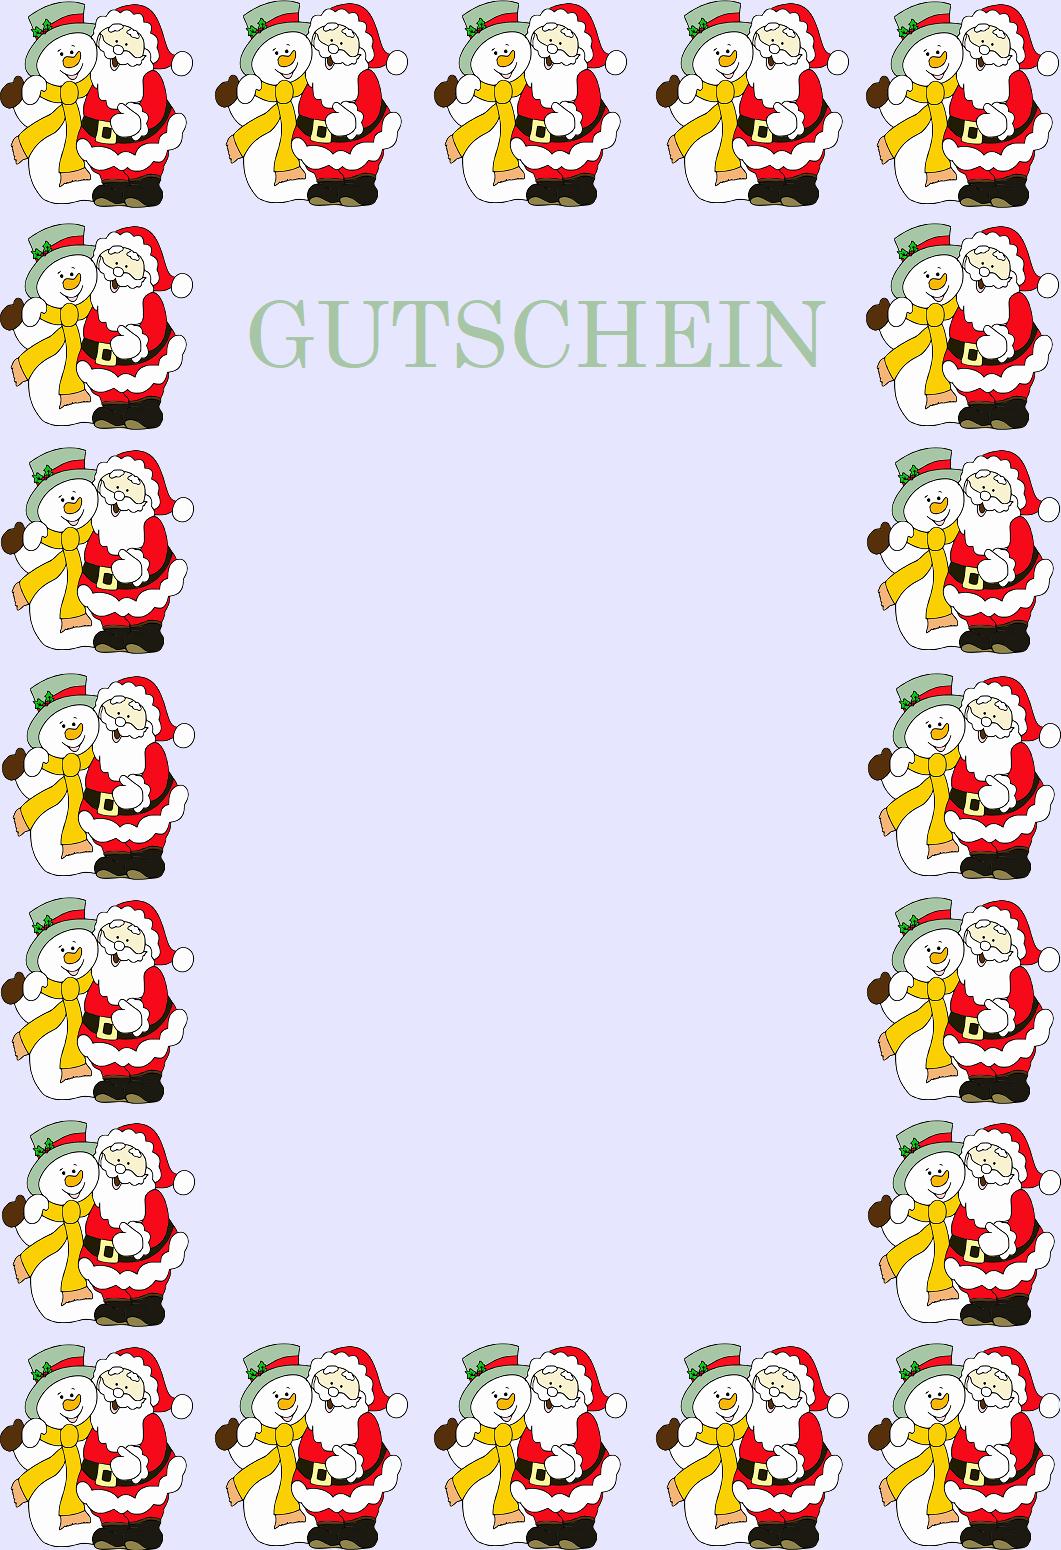 Gutscheinvorlagen Fur Weihnachten Vordrucke Zum Ausdrucken 0